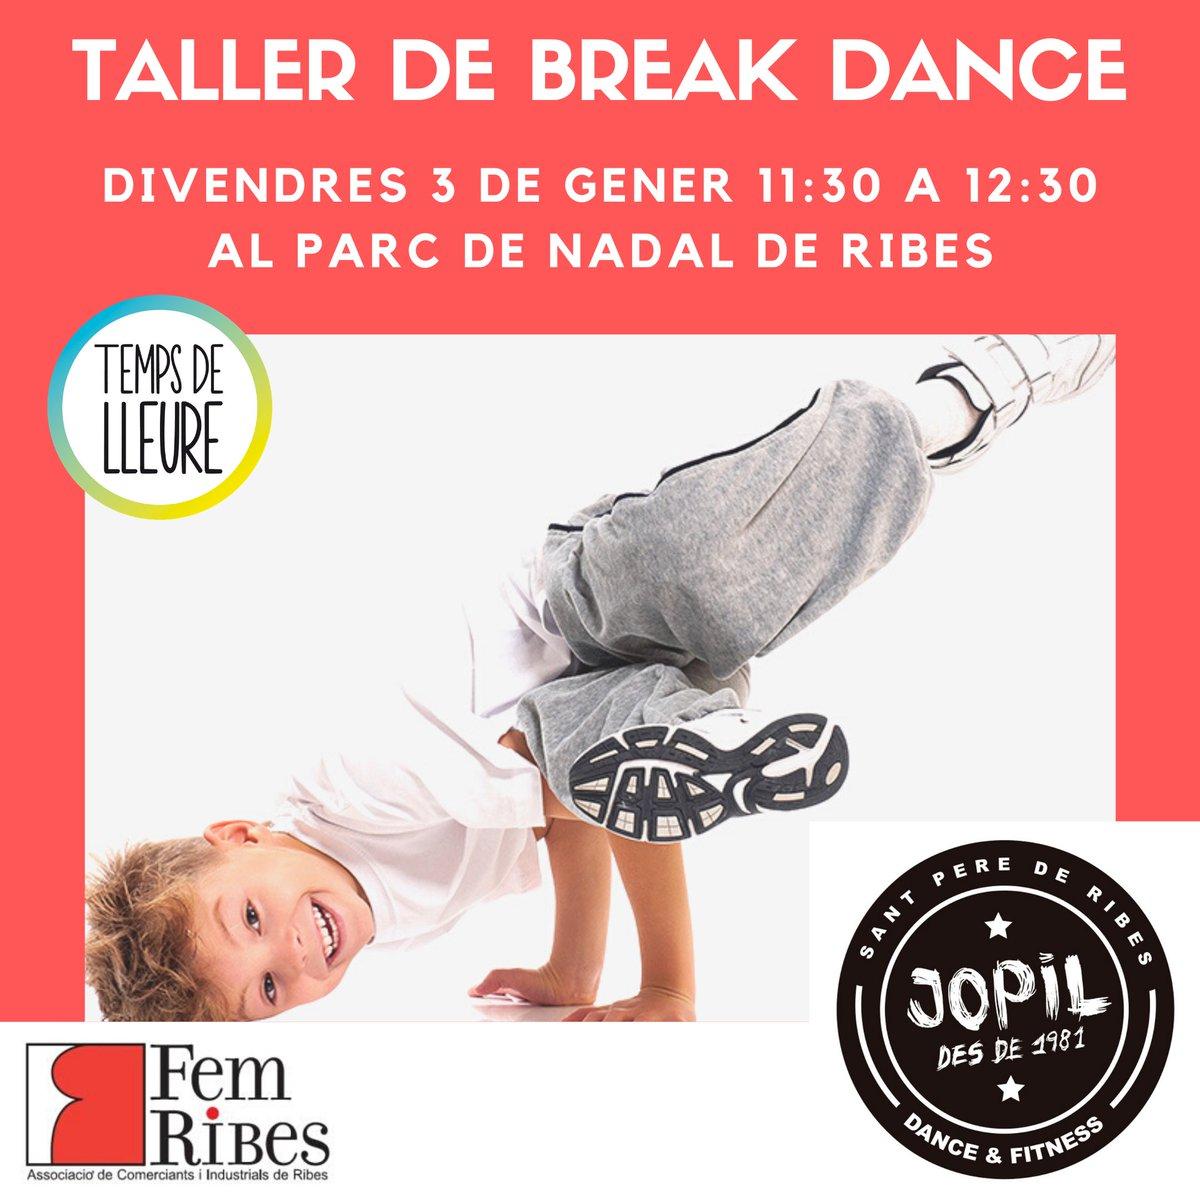 Demà d'11:30 a 12:30 al parc de nadal de Ribes tindrem un  taller de Break Dance de la mà de @jopilribes Us podeu inscriure al mareix parc, abans de començar. Que no t'ho expliquin! #parcdenadalderibes #jopilribes #tempsdelleure #femribes #ribes #spribes https://t.co/uAtACUteP6